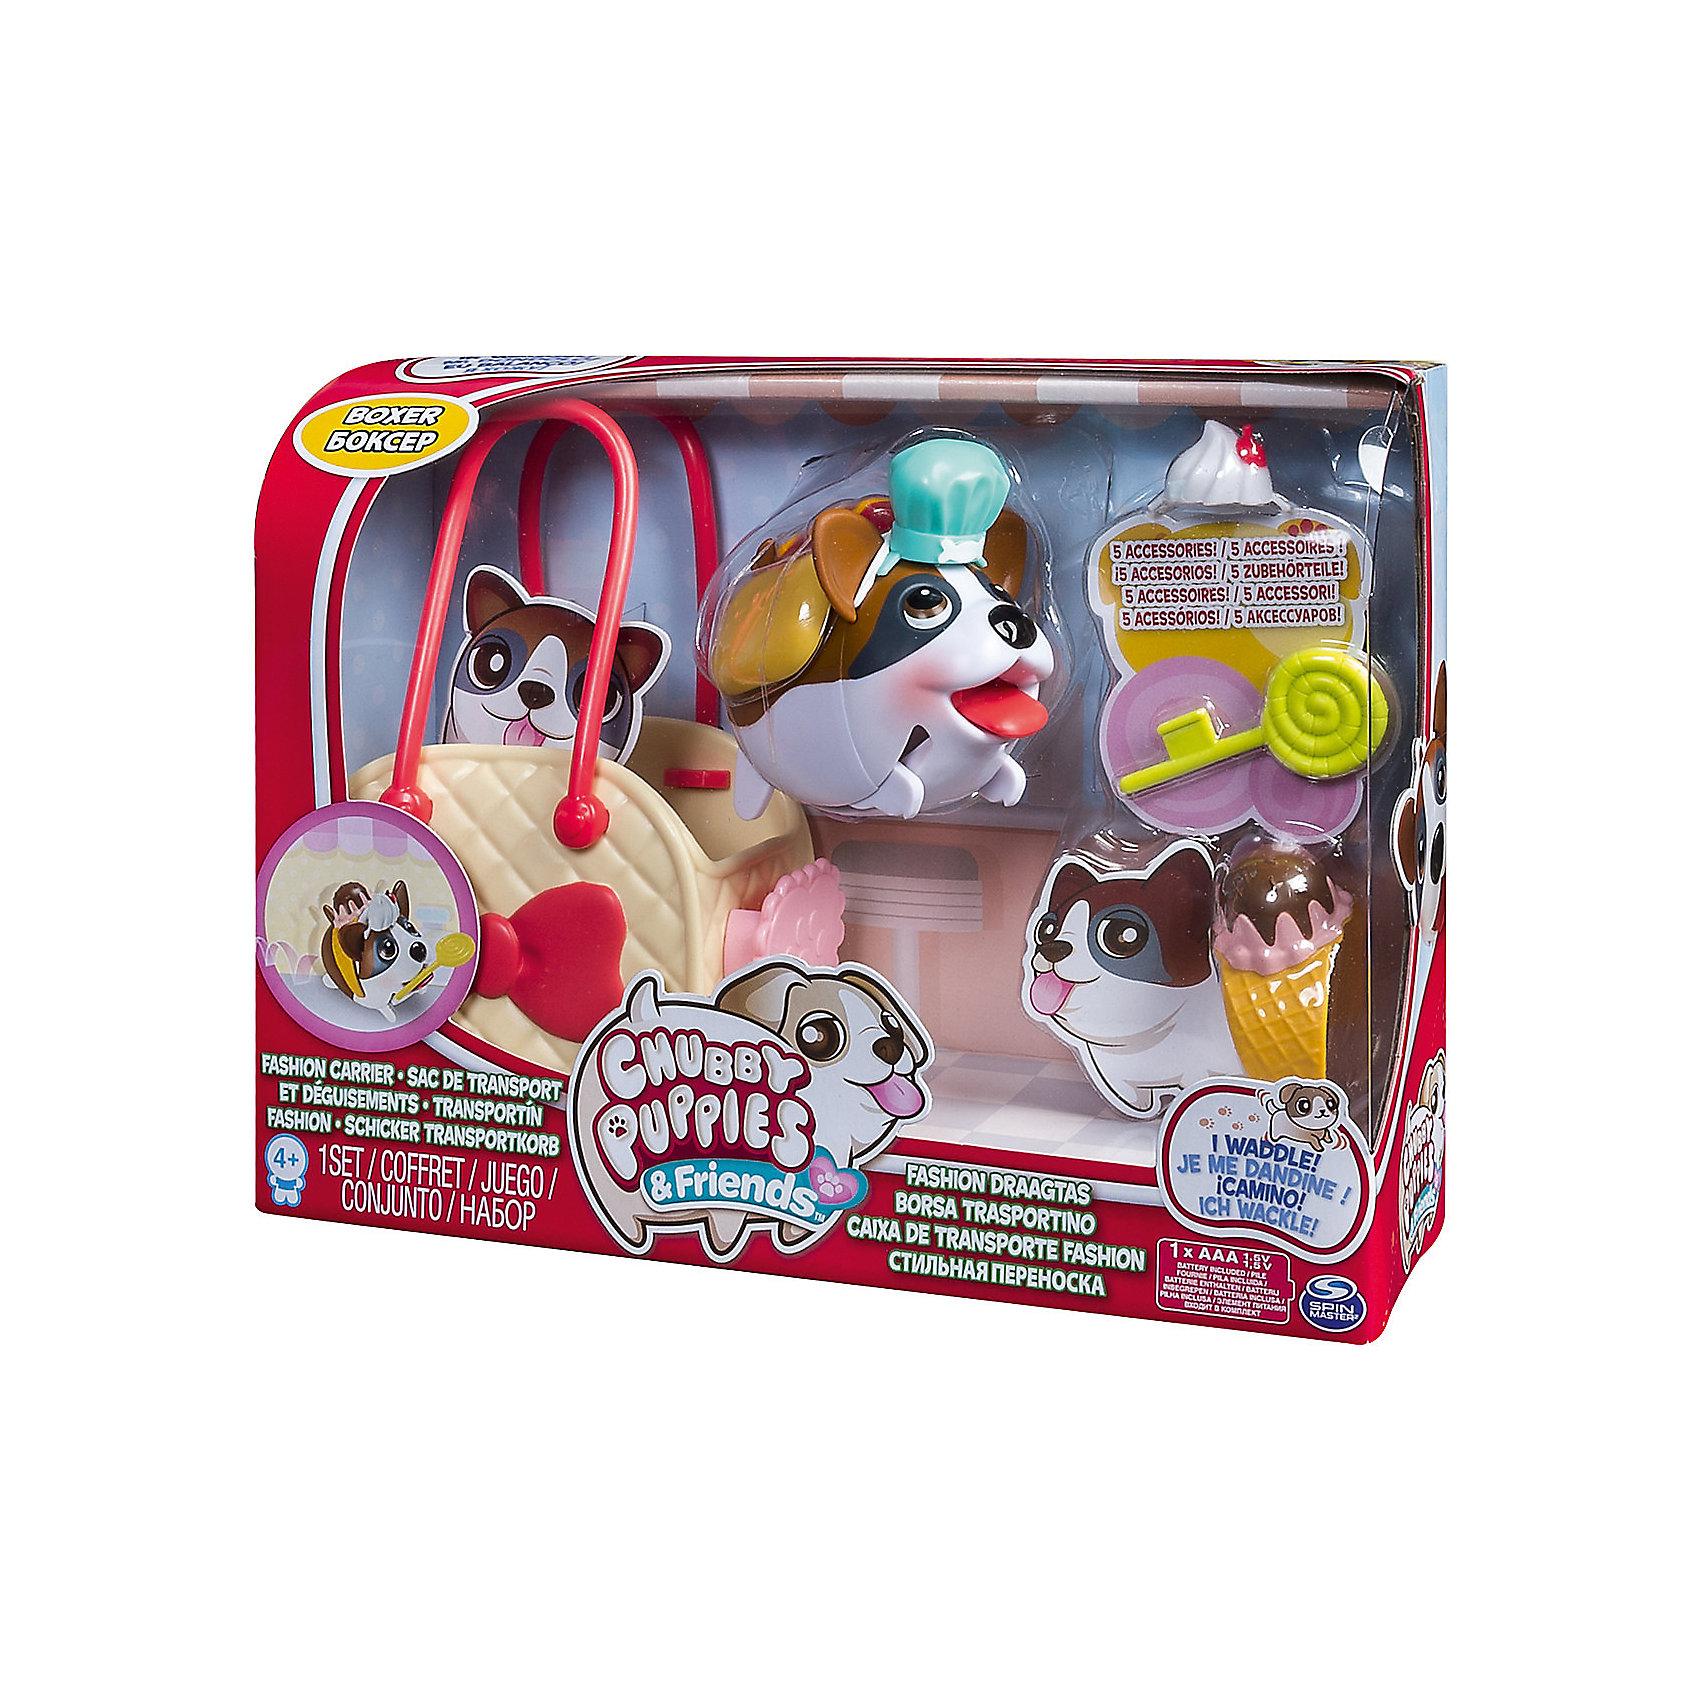 Набор с сумкой-переноской Боксер, Chubby PuppiesХарактеристики товара:<br><br>- цвет: разноцветный;<br>- материал: пластик;<br>- размер упаковки: 25х8х19 см;<br>- вес: 310 г;<br>- комплектация: игрушка, аксессуары, сумка-переноска. <br><br>Игрушки от бренда Chubby Puppies - это симпатичные животные, которые умеют забавно двигаться. Эта игрушка очень качественно выполнена, поэтому она станет отличным подарком ребенку. Такое изделие отлично тренирует у ребенка разные навыки: играя с ней, малыш развивает мелкую моторику, цветовосприятие, внимание, воображение и творческое мышление.<br>Данная модель дополнена аксессуарами и сумкой-переноской. Изделие произведено из высококачественного материала, безопасного для детей.<br><br>Набор с сумкой-переноской Боксер от бренда Chubby Puppies можно купить в нашем интернет-магазине.<br><br>Ширина мм: 80<br>Глубина мм: 190<br>Высота мм: 250<br>Вес г: 310<br>Возраст от месяцев: 36<br>Возраст до месяцев: 2147483647<br>Пол: Унисекс<br>Возраст: Детский<br>SKU: 5094037